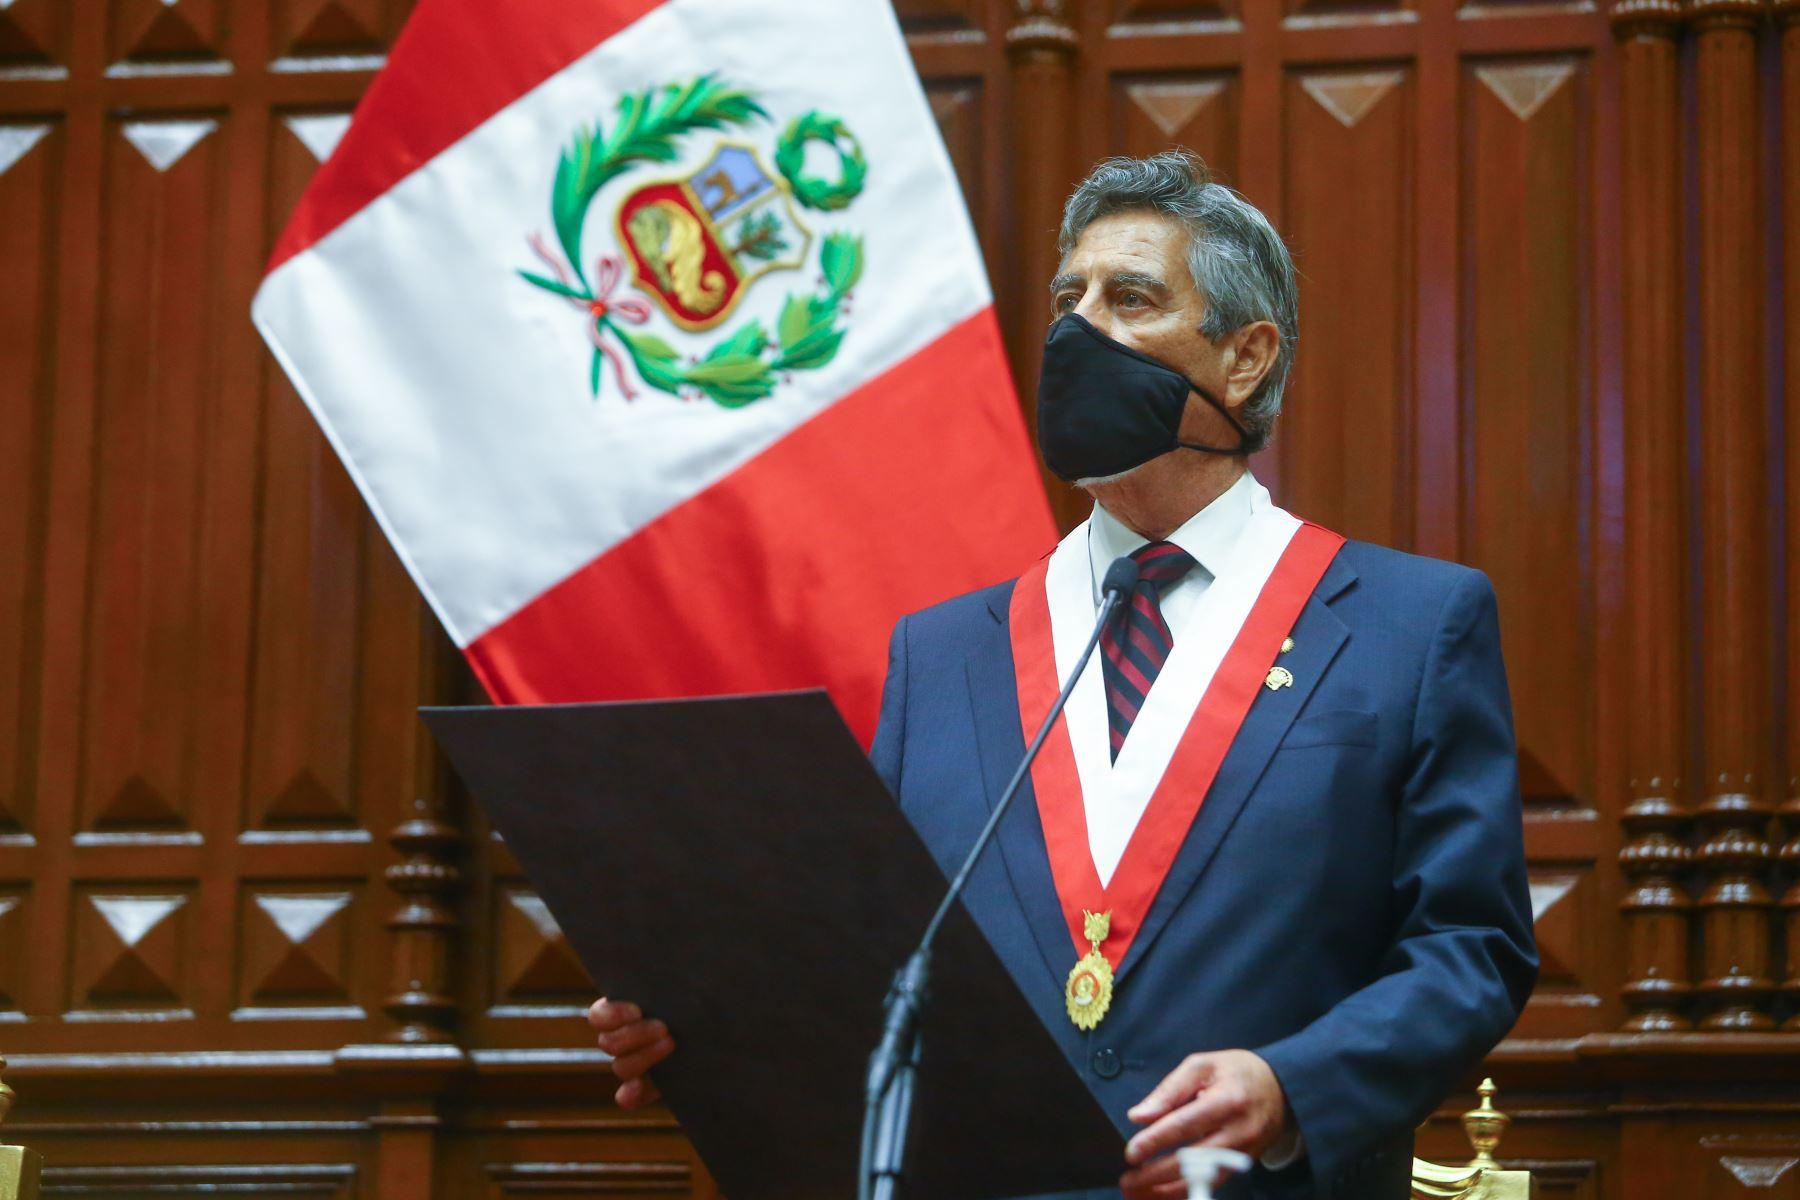 beca-presidente-de-la-republica-se-llamara-beca-generacion-del-bicentenario